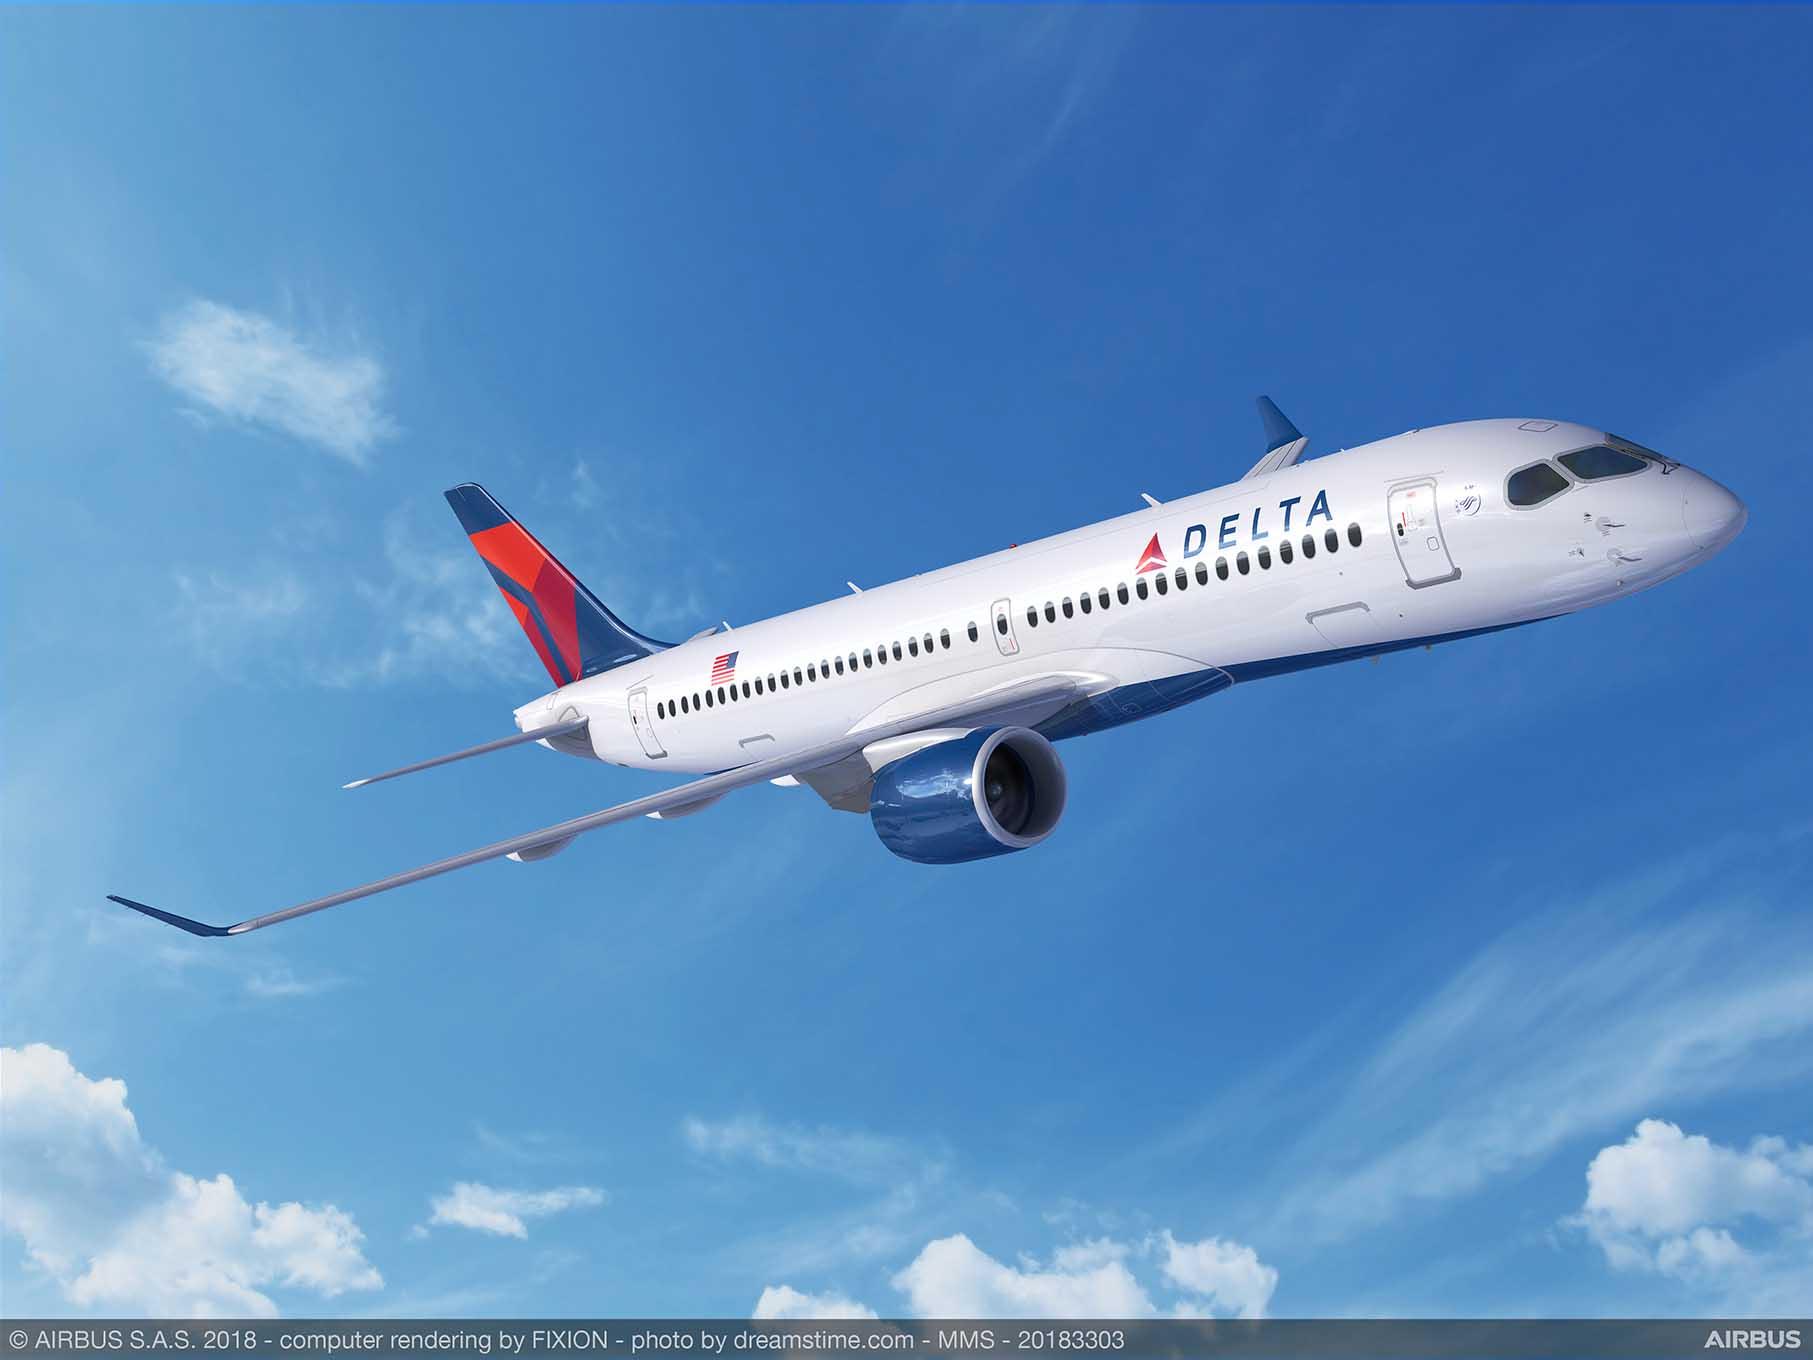 Alianza digital entre Airbus y Delta para desarrollar nuevas soluciones de mantenimiento de flotas